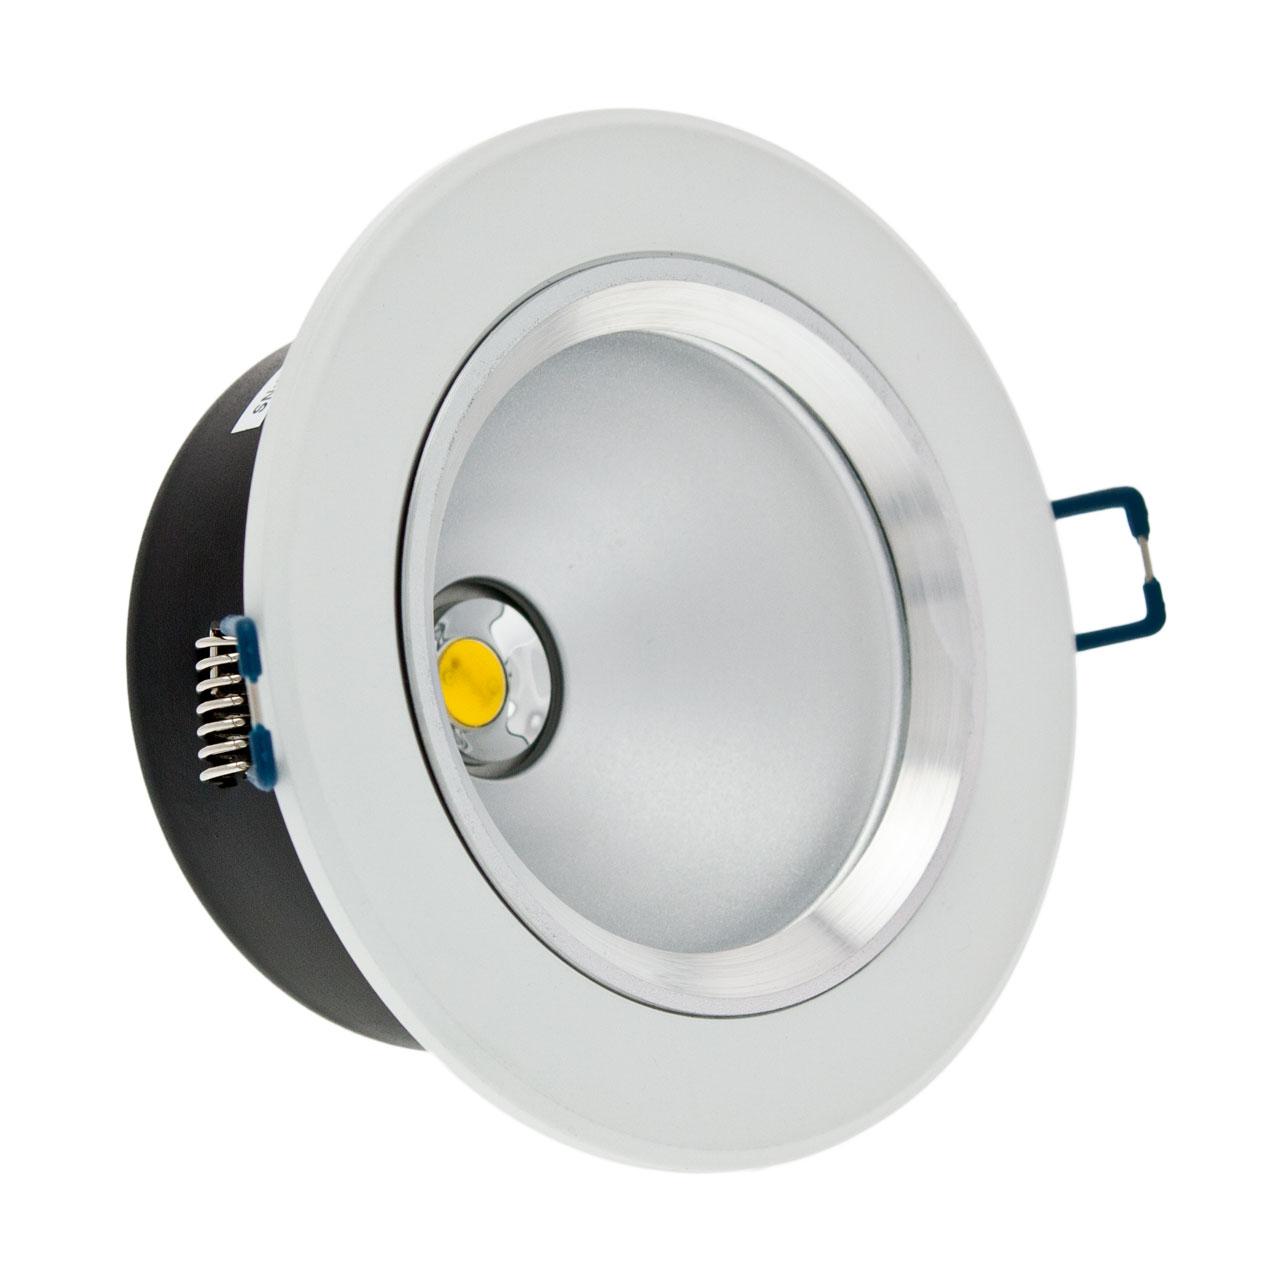 Faro da incasso a LED bianco, 10W, ghiera bianca - Faretti da incasso LED